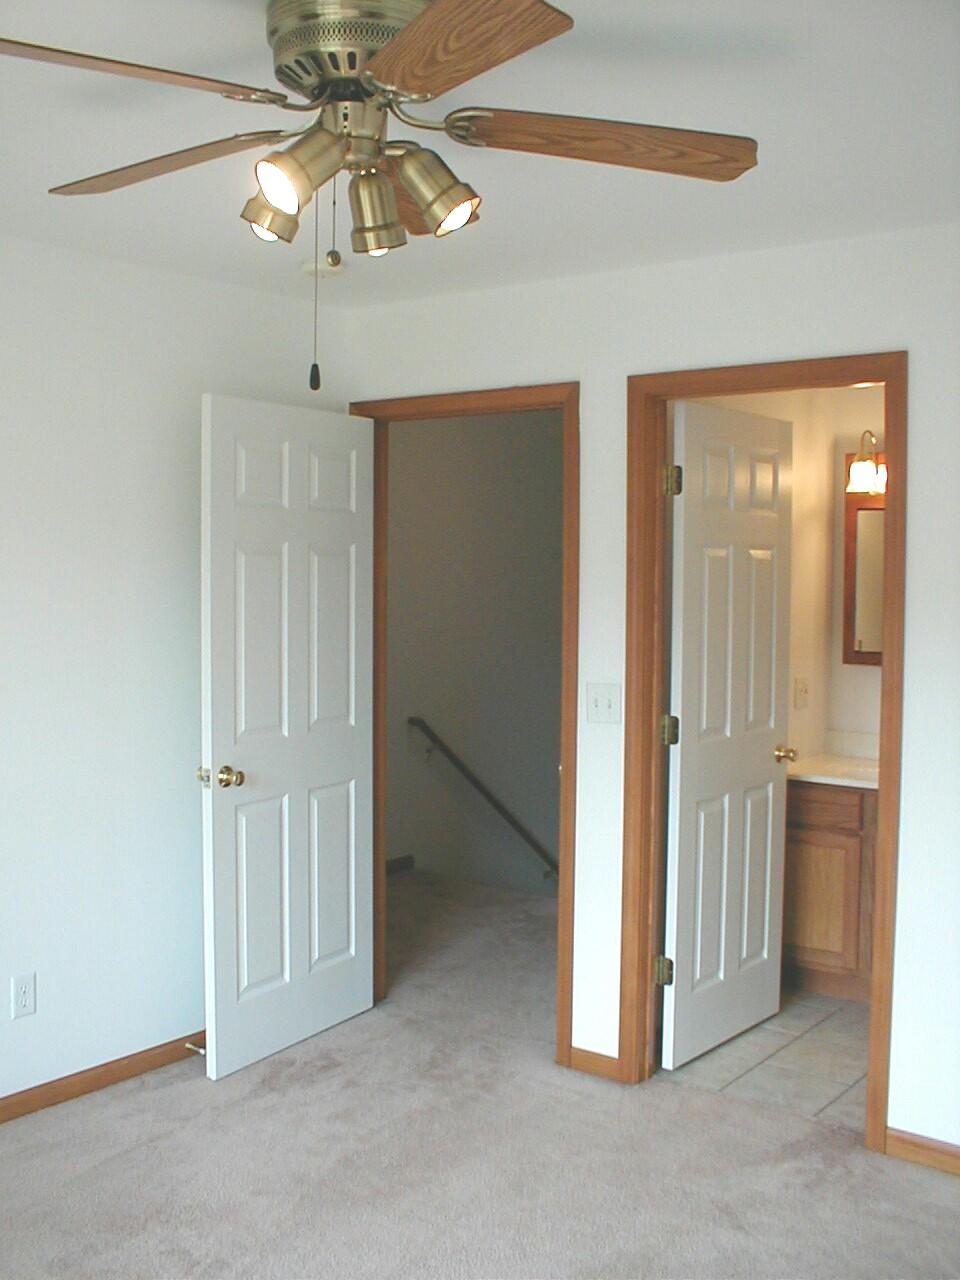 614 704 E Park Street Apartments G R Rentals